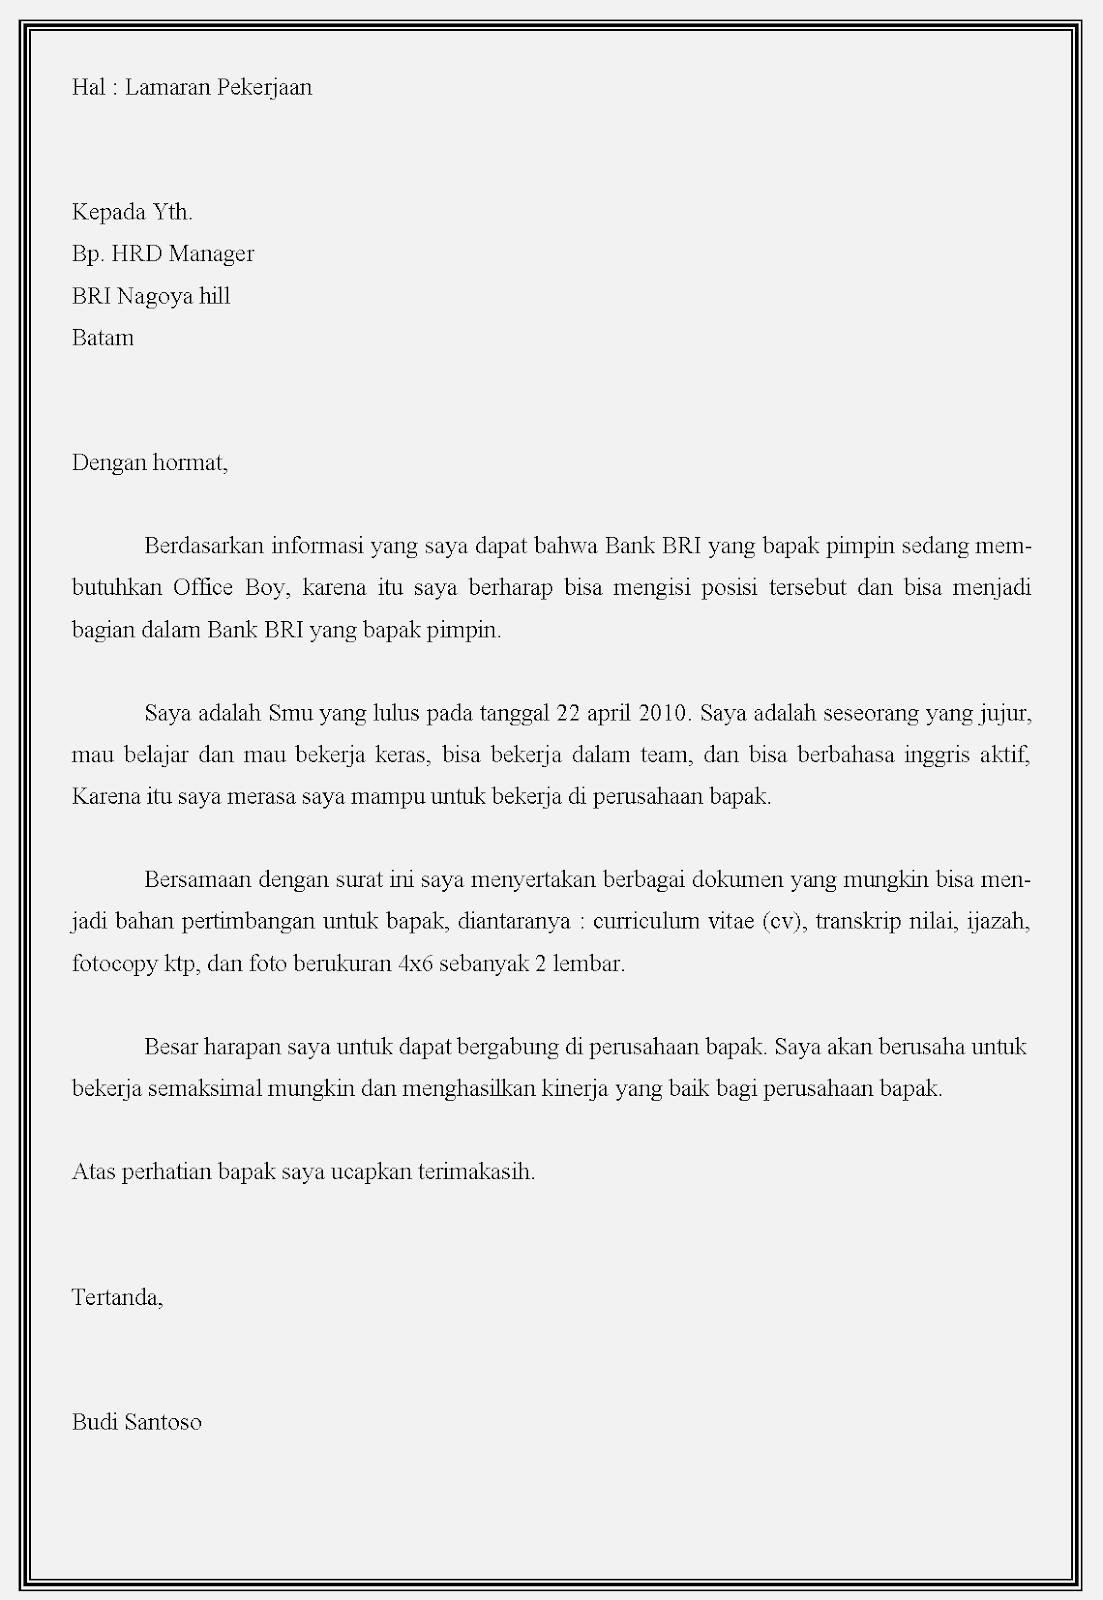 Contoh surat lamaran kerja bank BRI sebagai ob